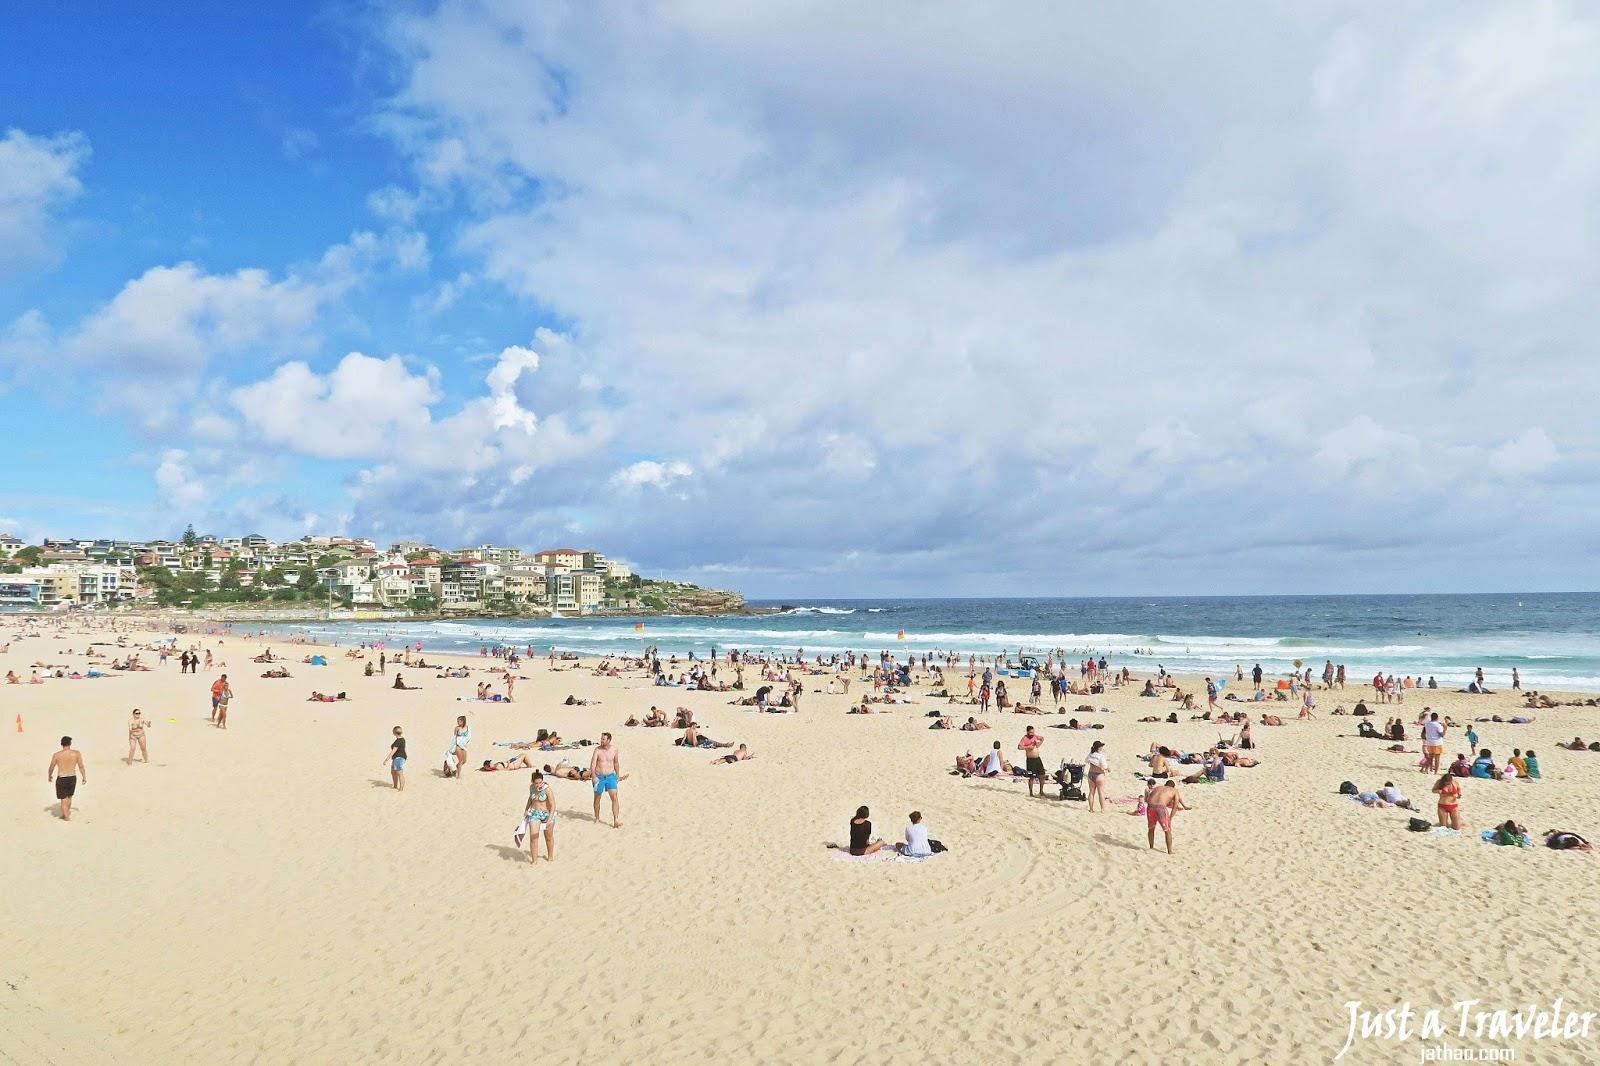 雪梨-景點-推薦-邦代海灘-旅遊-自由行-澳洲-Sydney-Bondi-Beach-Travel-Australia